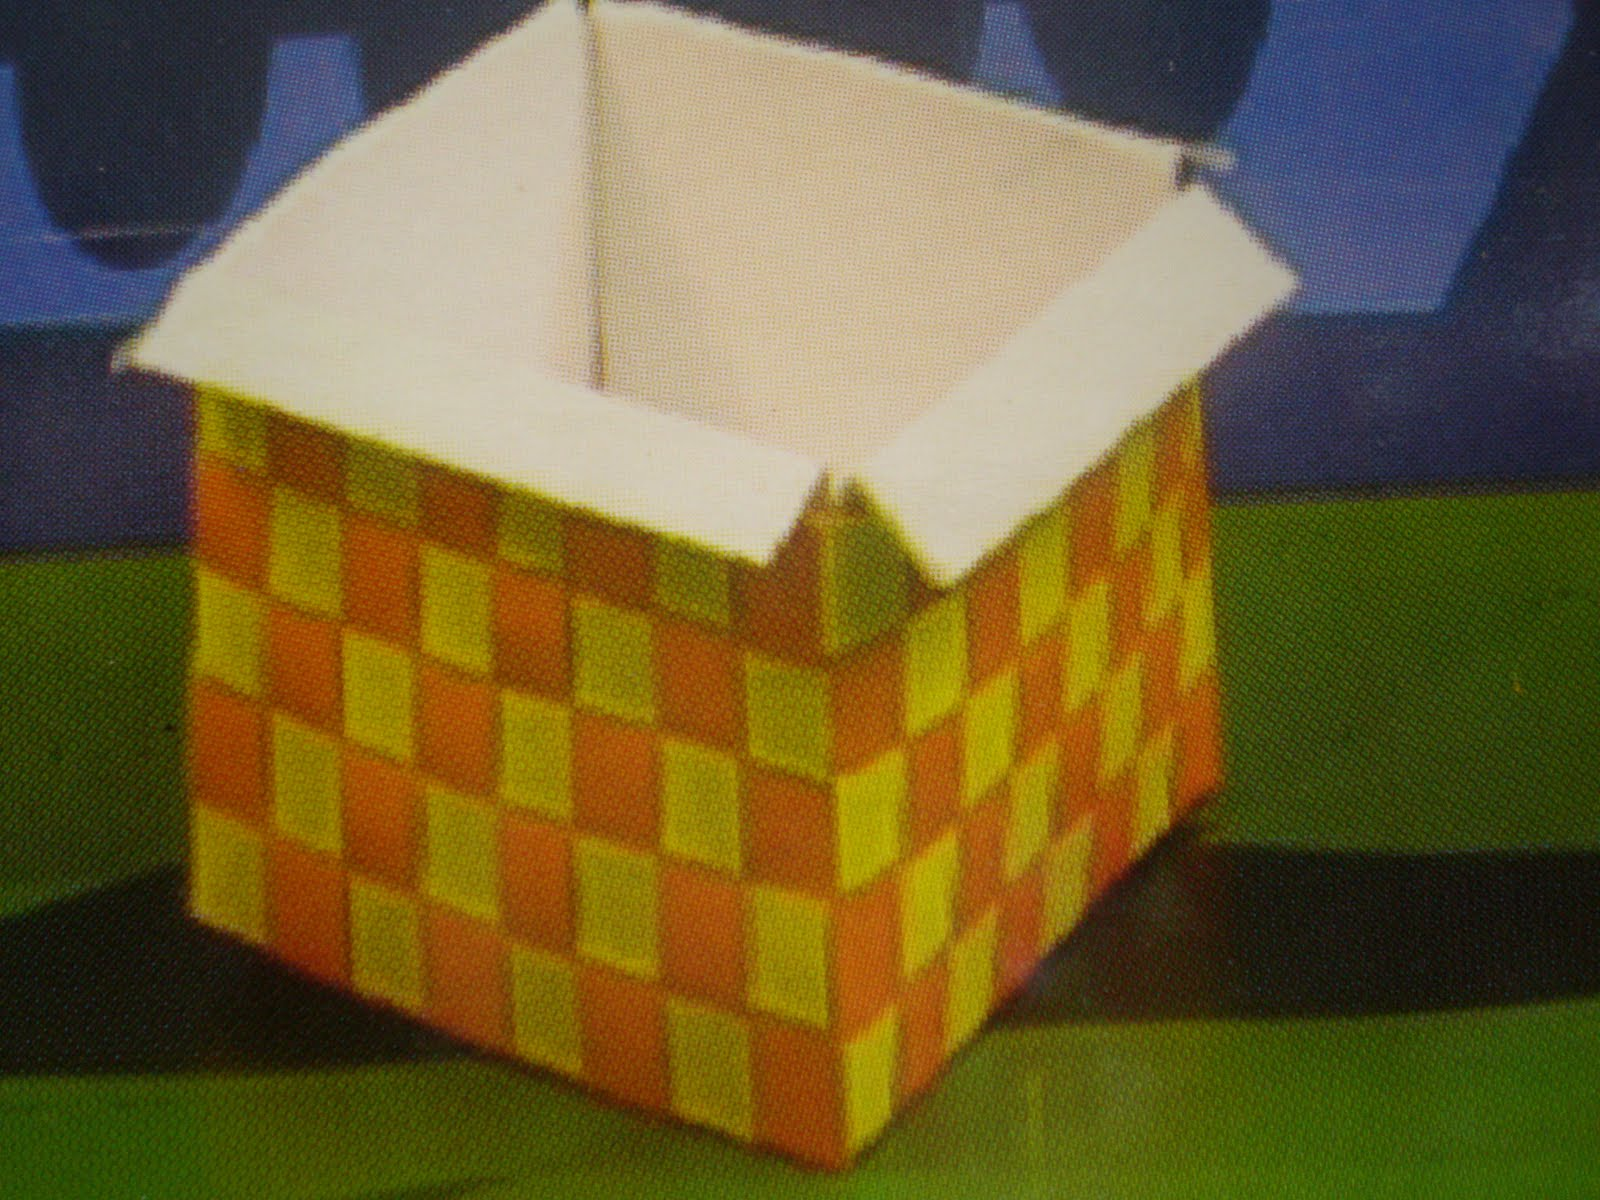 masukkan kotak yang berwarna putih ke dalam kotak yang telah siap ...